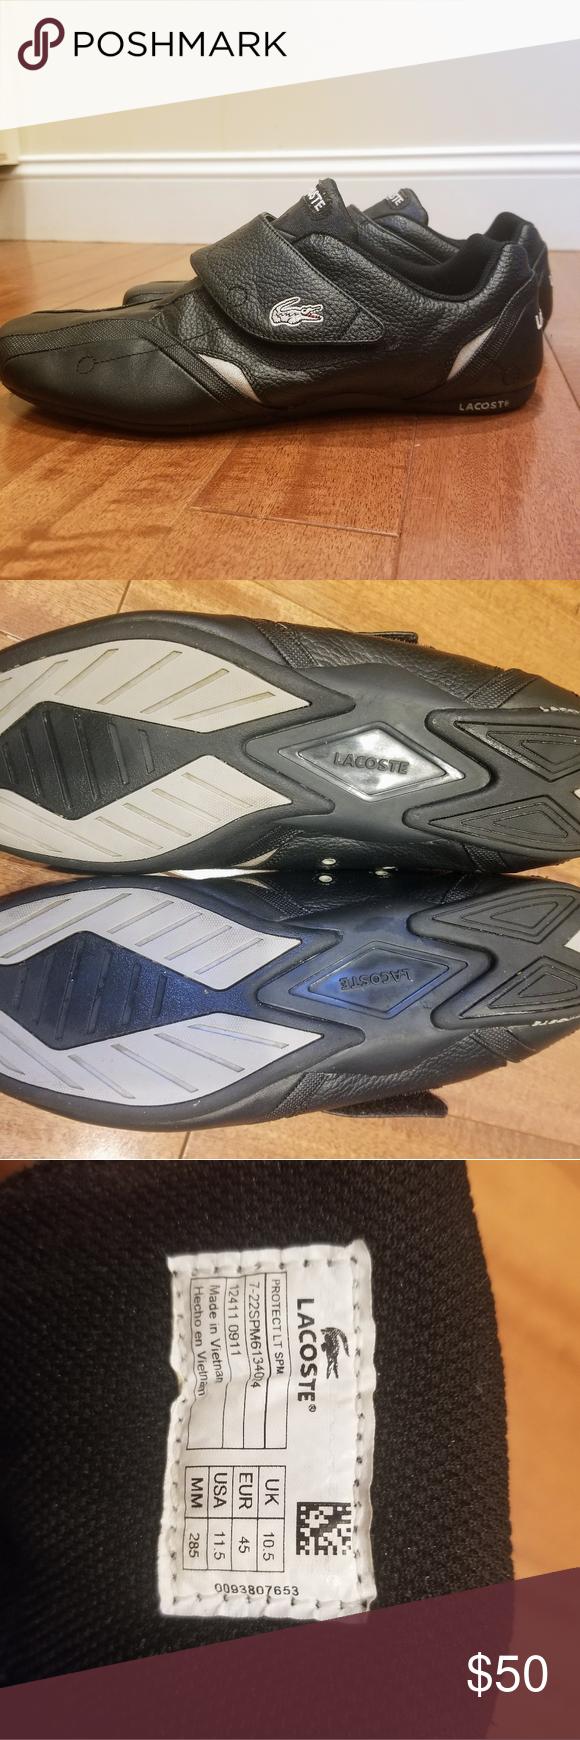 shoe,Size 11.5 | Lacoste men